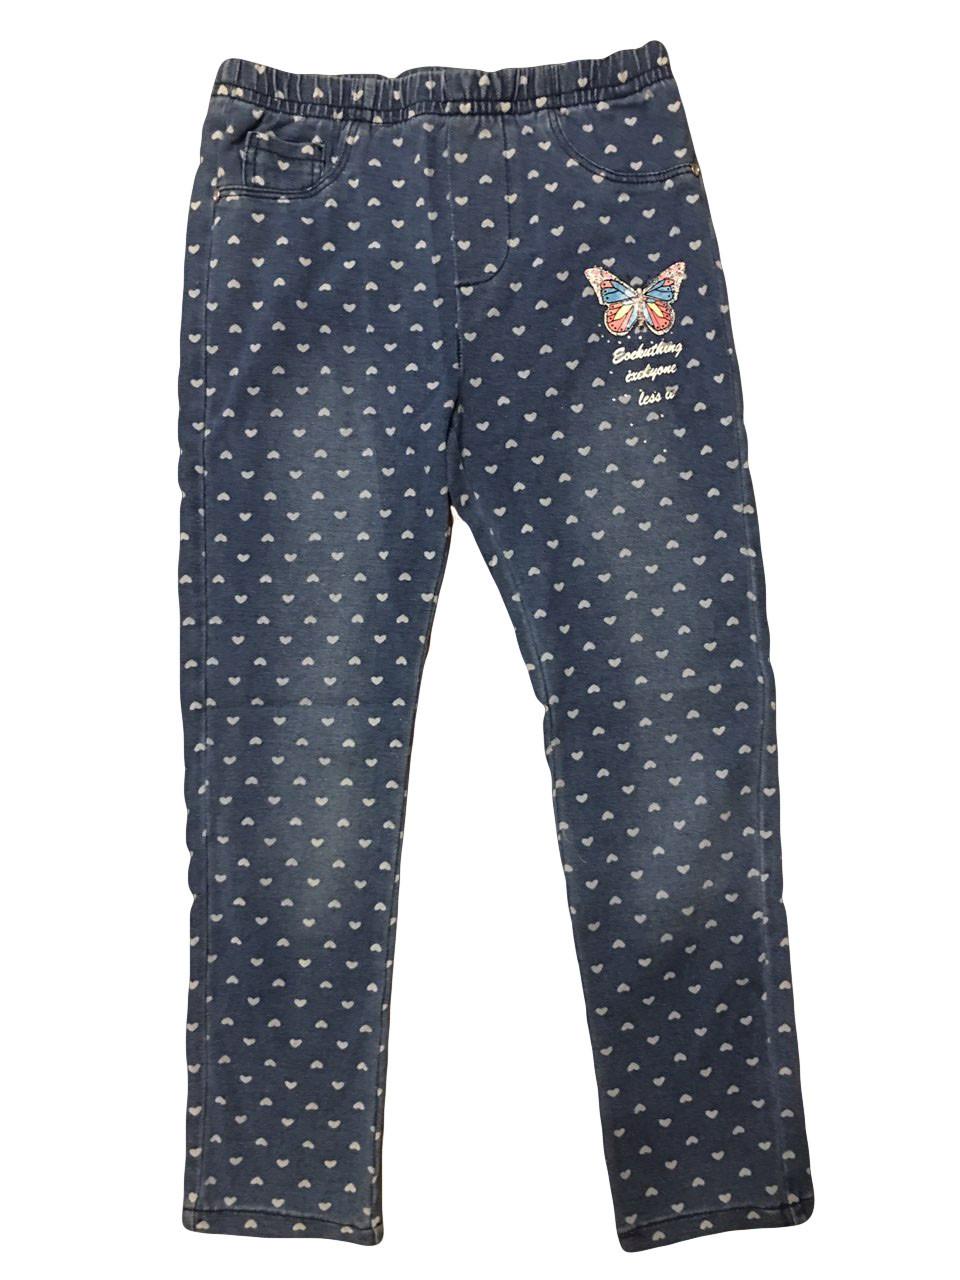 Леггинсы для девочек под джинс опт, GRACE, размеры 98-128 арт. G80652